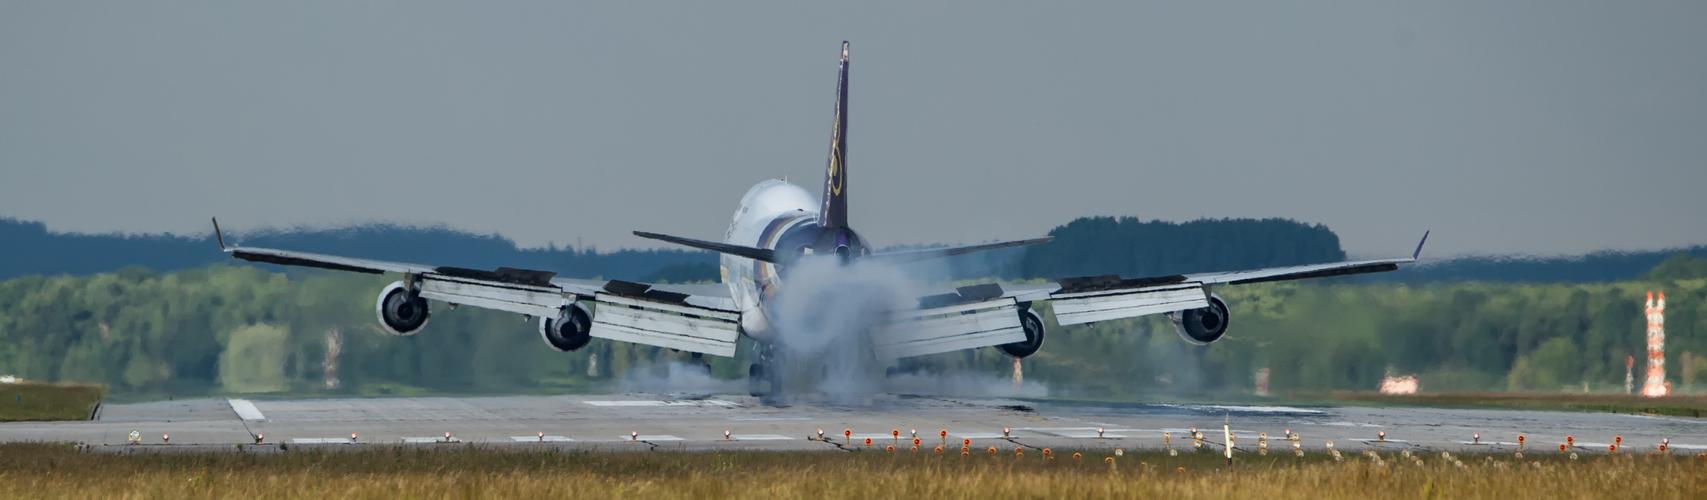 Thai Airways #4